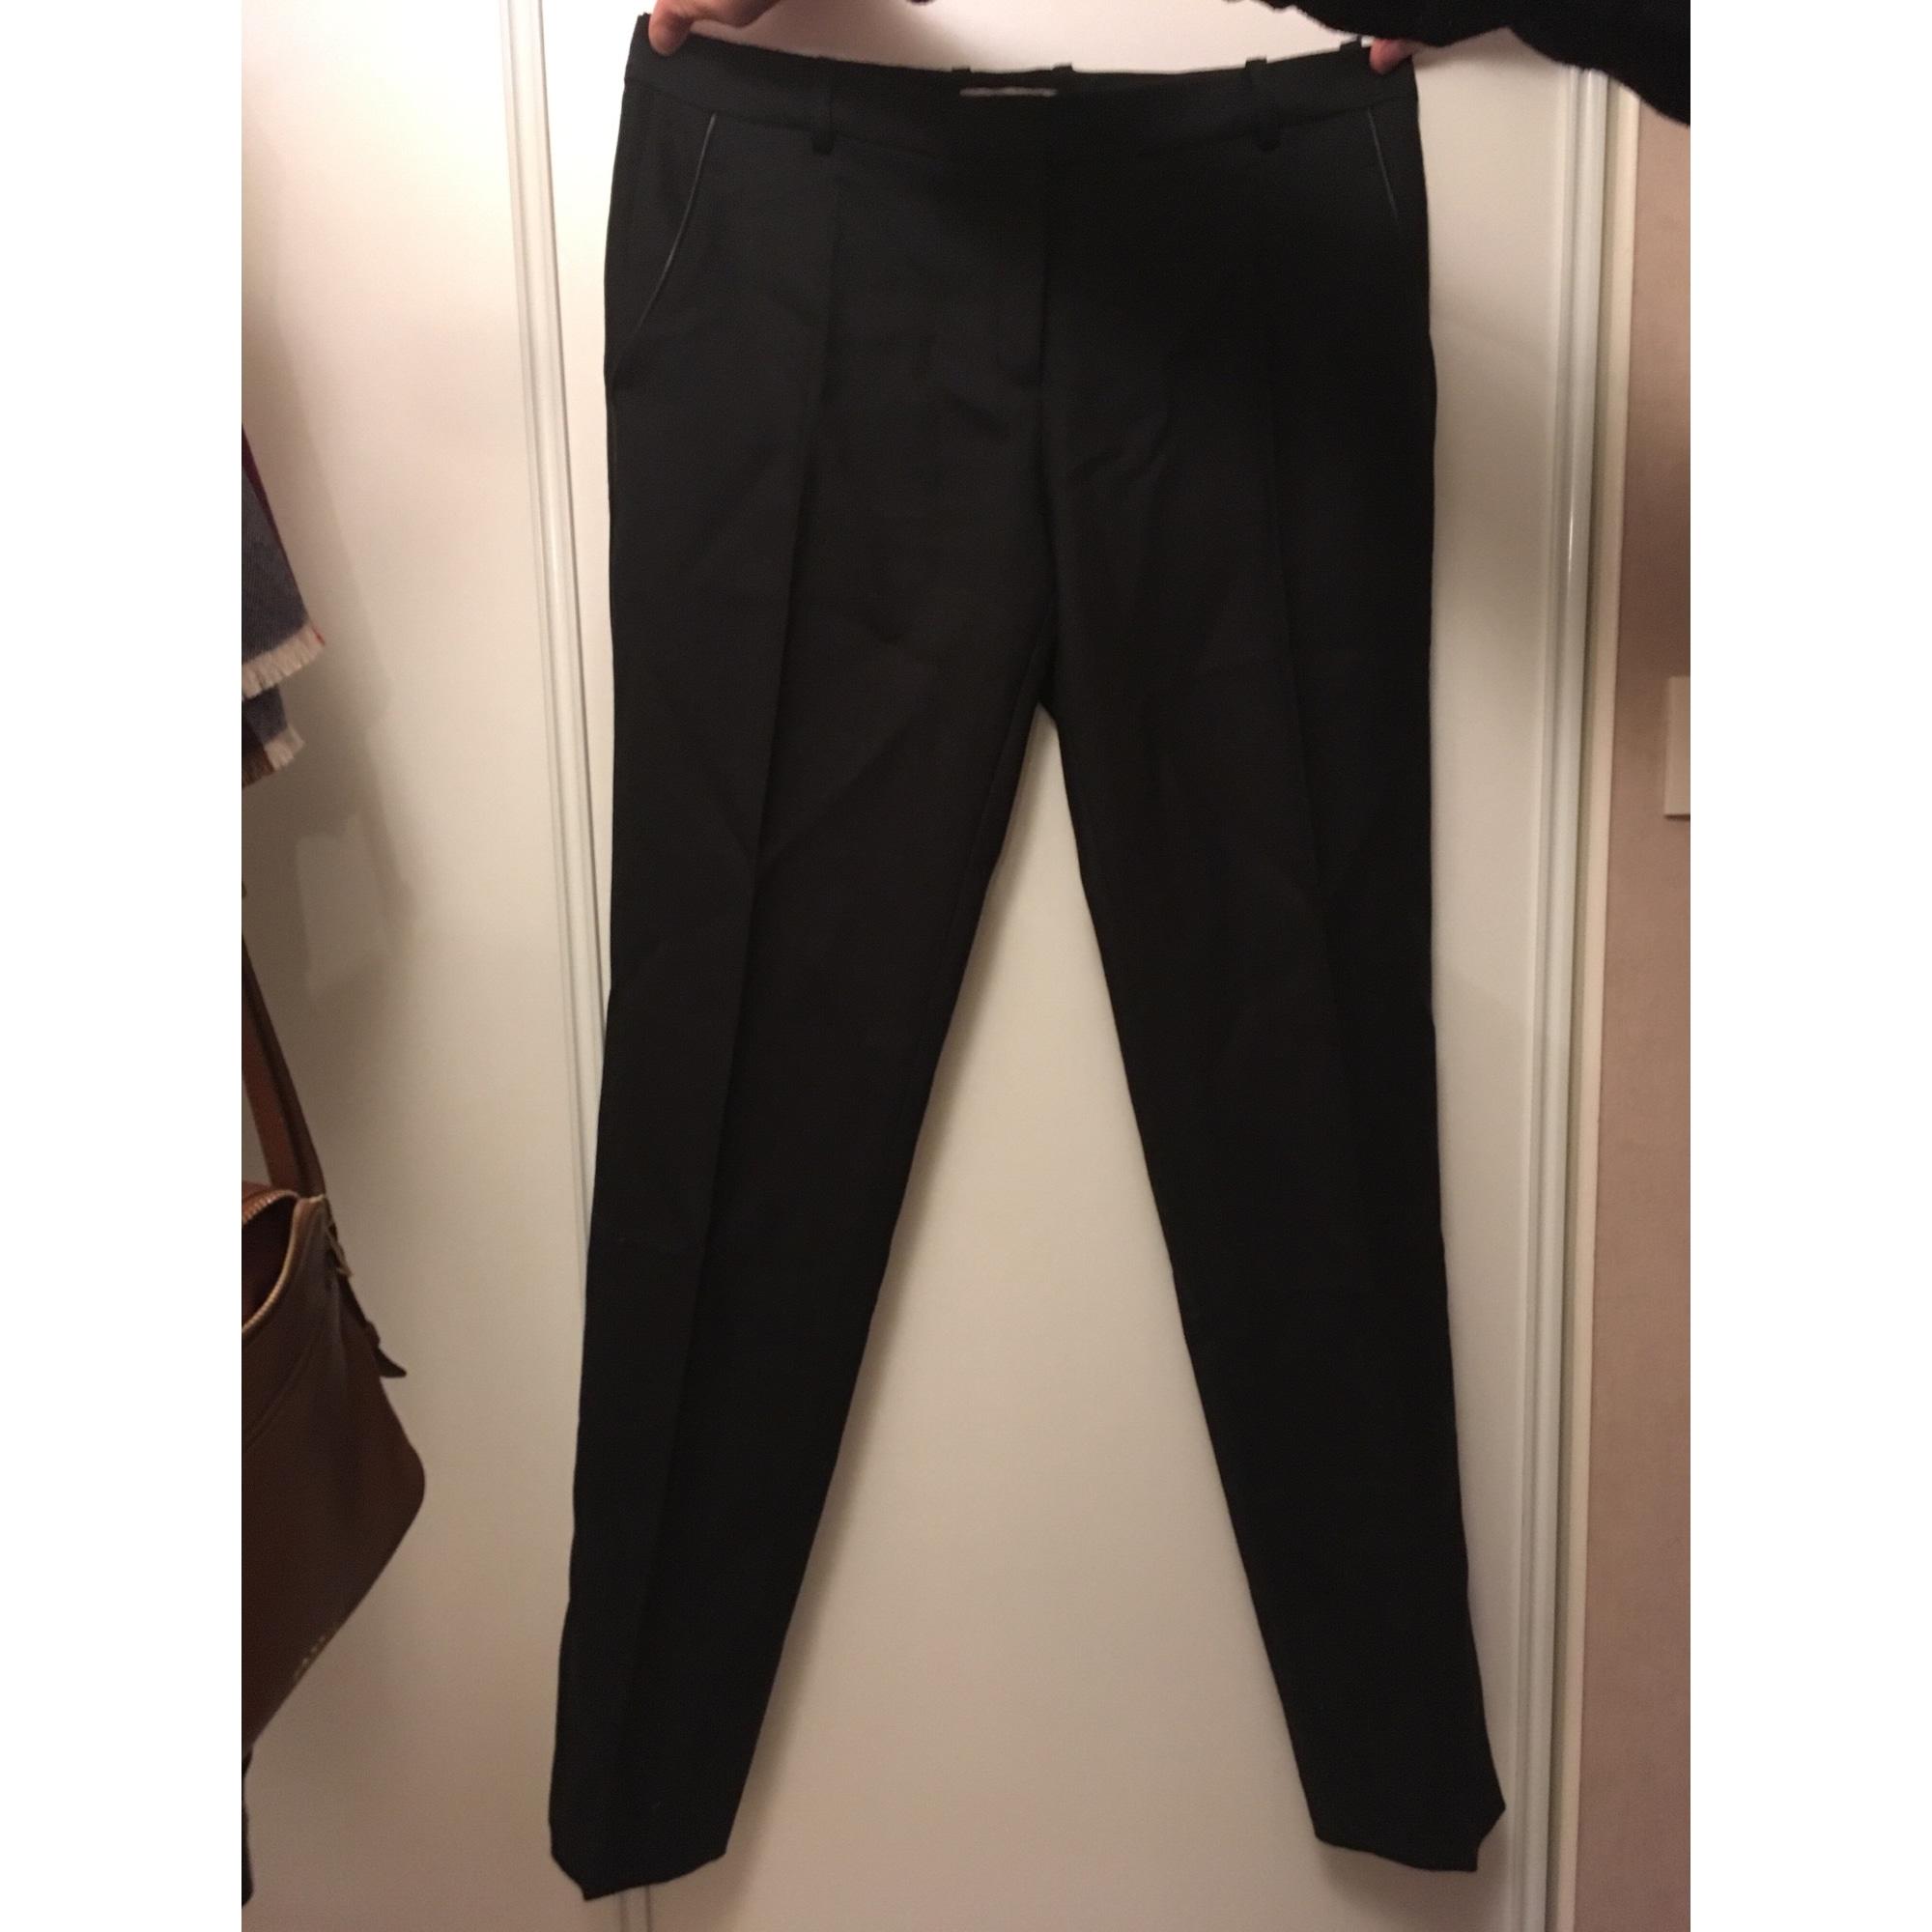 Pantalon droit ZAPA Noir